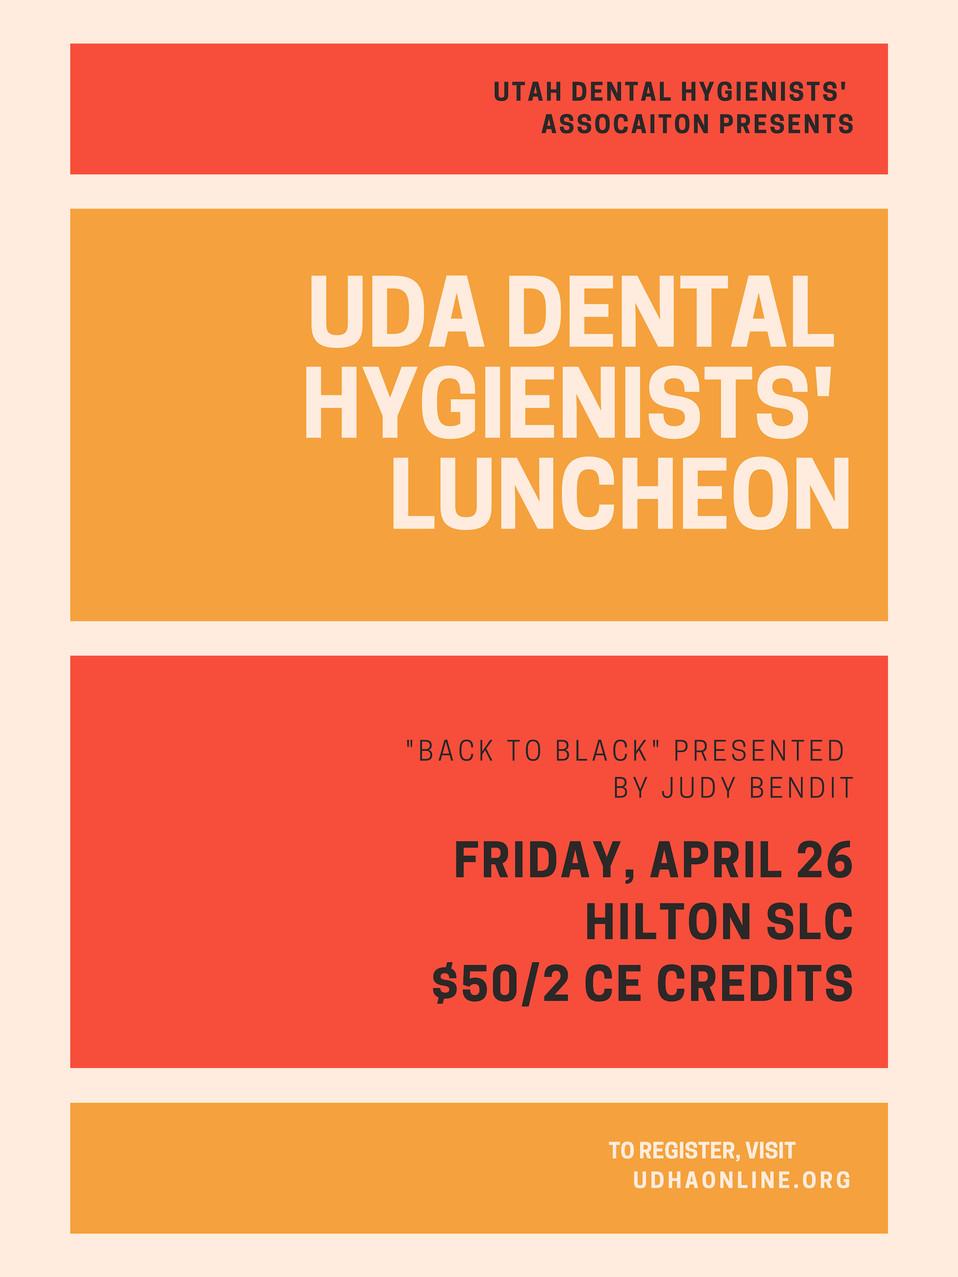 UDA Annual Dental Hygienist's Luncheon